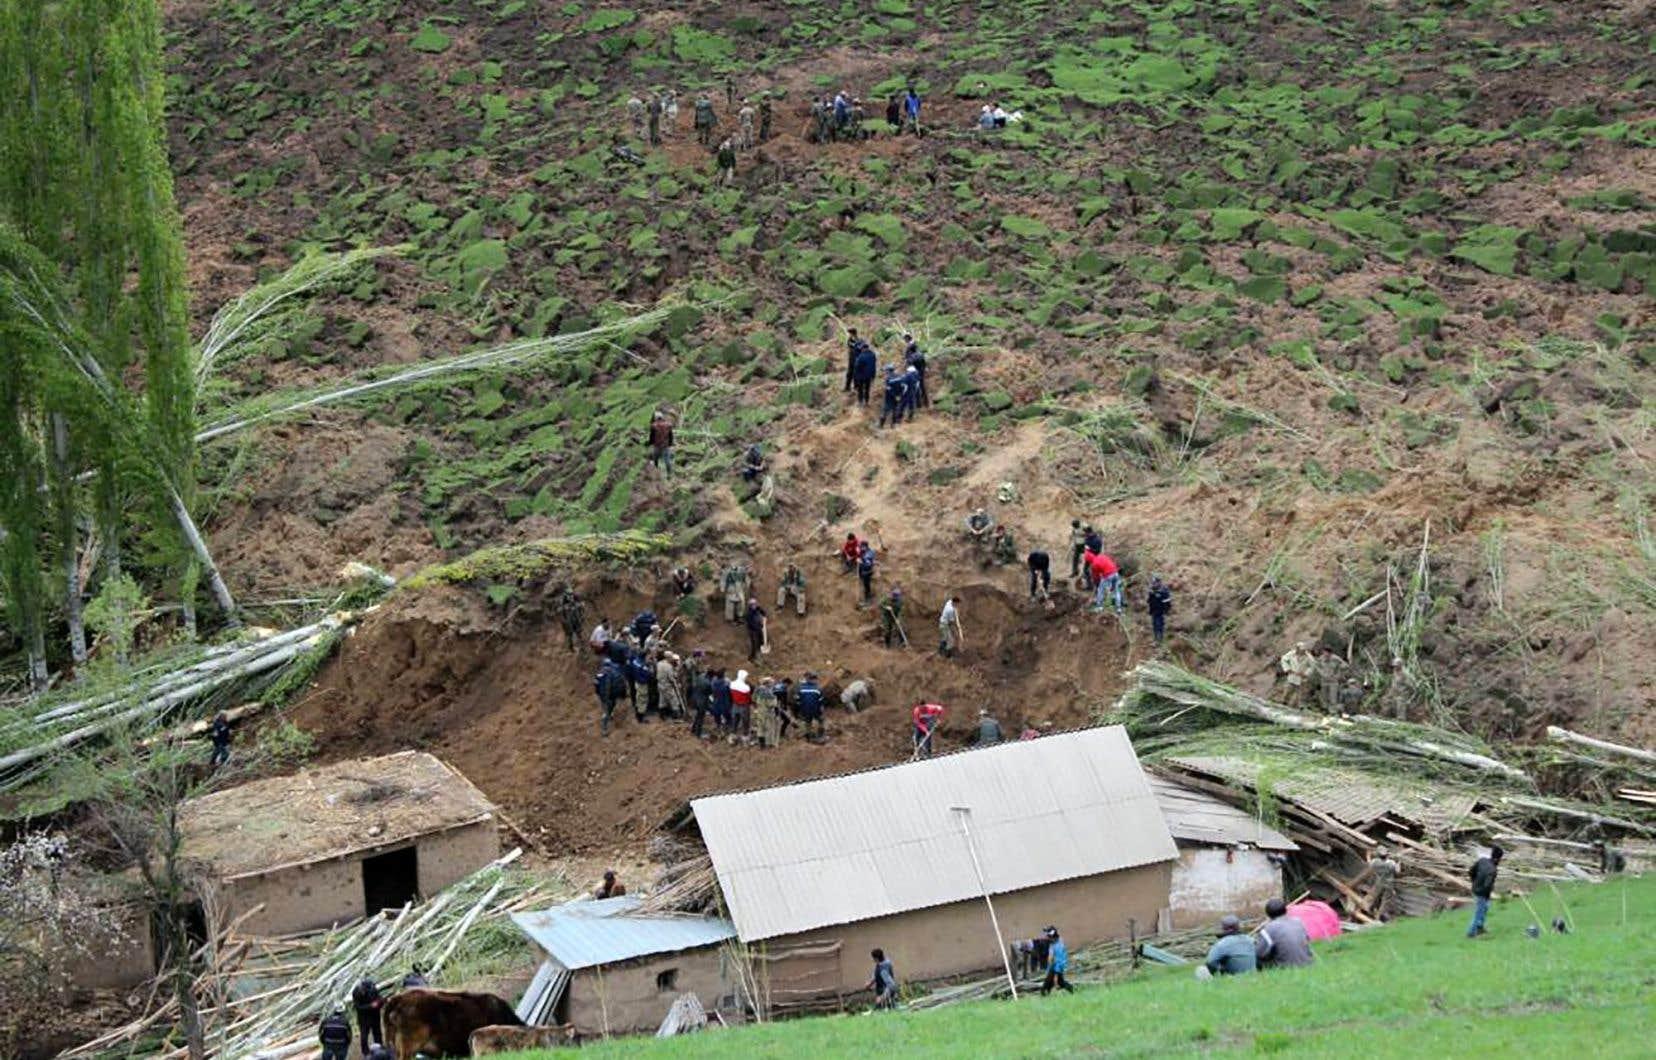 Les avalanches et glissements de terrain sont fréquents au Kirghizistan, dont le territoire est à 95% montagneux.